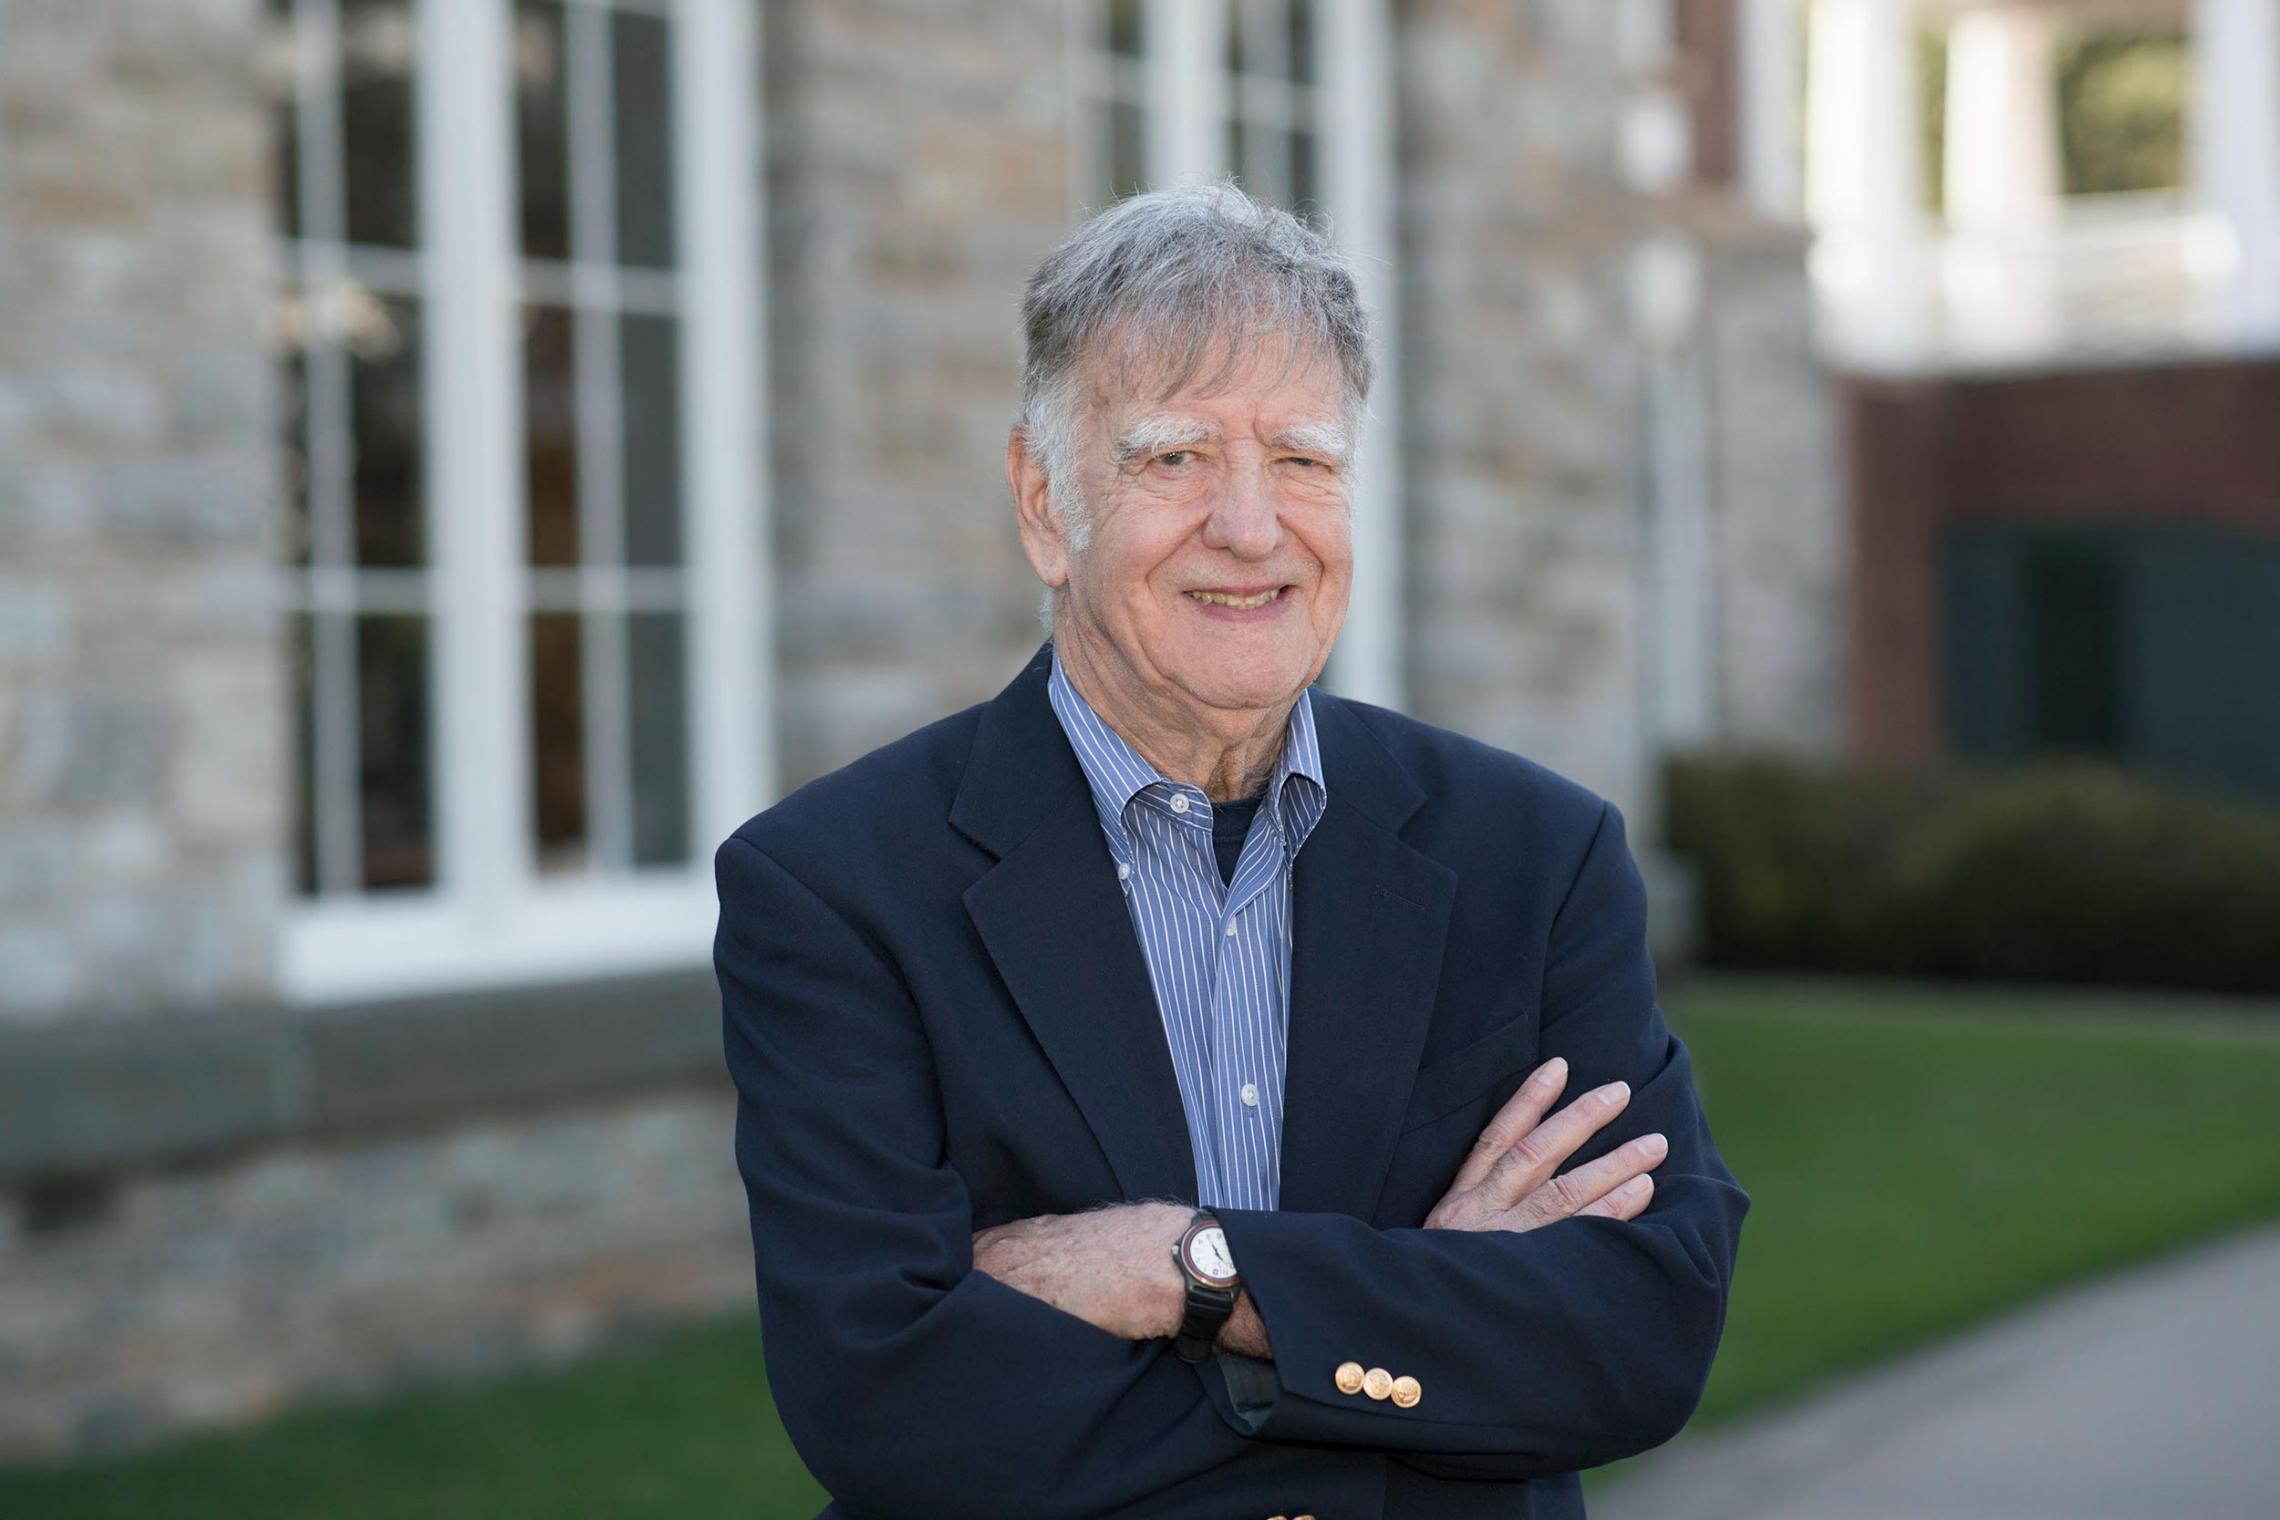 Professor Ray Scheppach